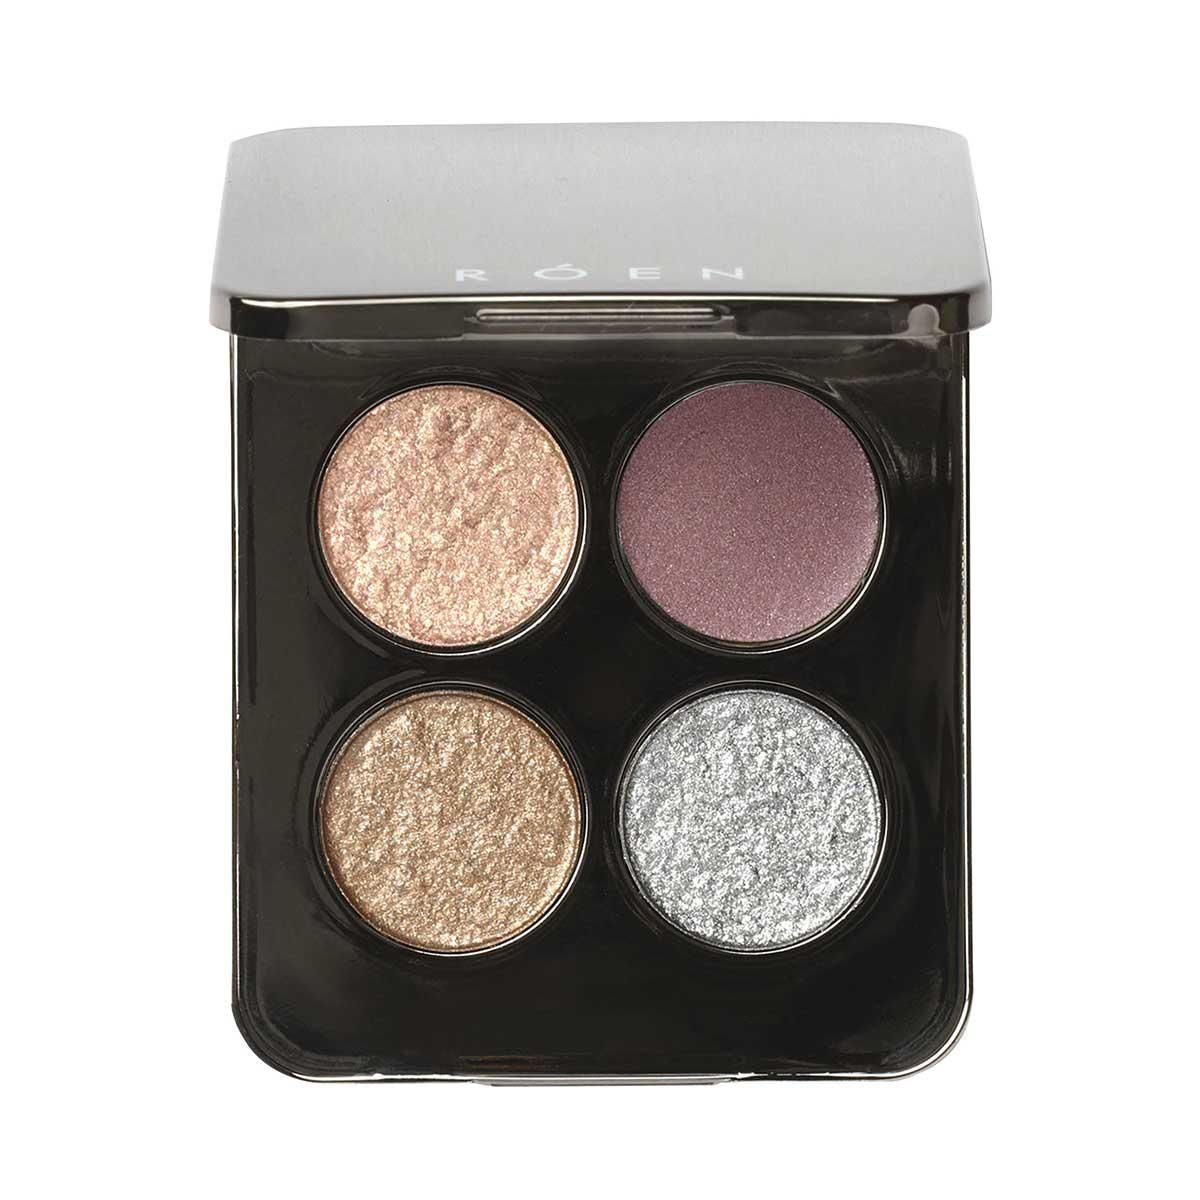 roen beauty 52 degrees cool eye shadow palette